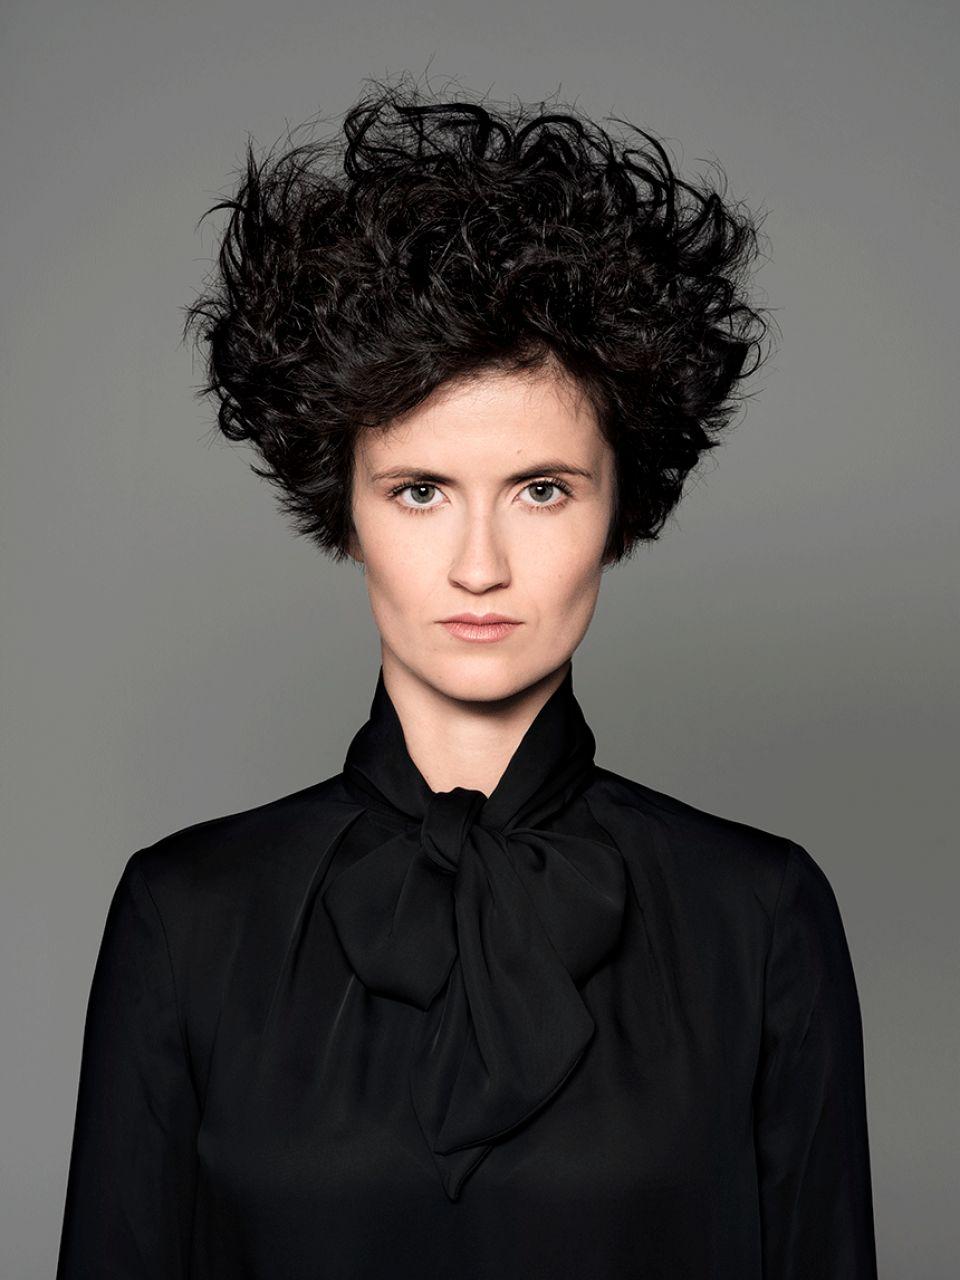 schwarze kurzhaarfrisuren damen friseurcom